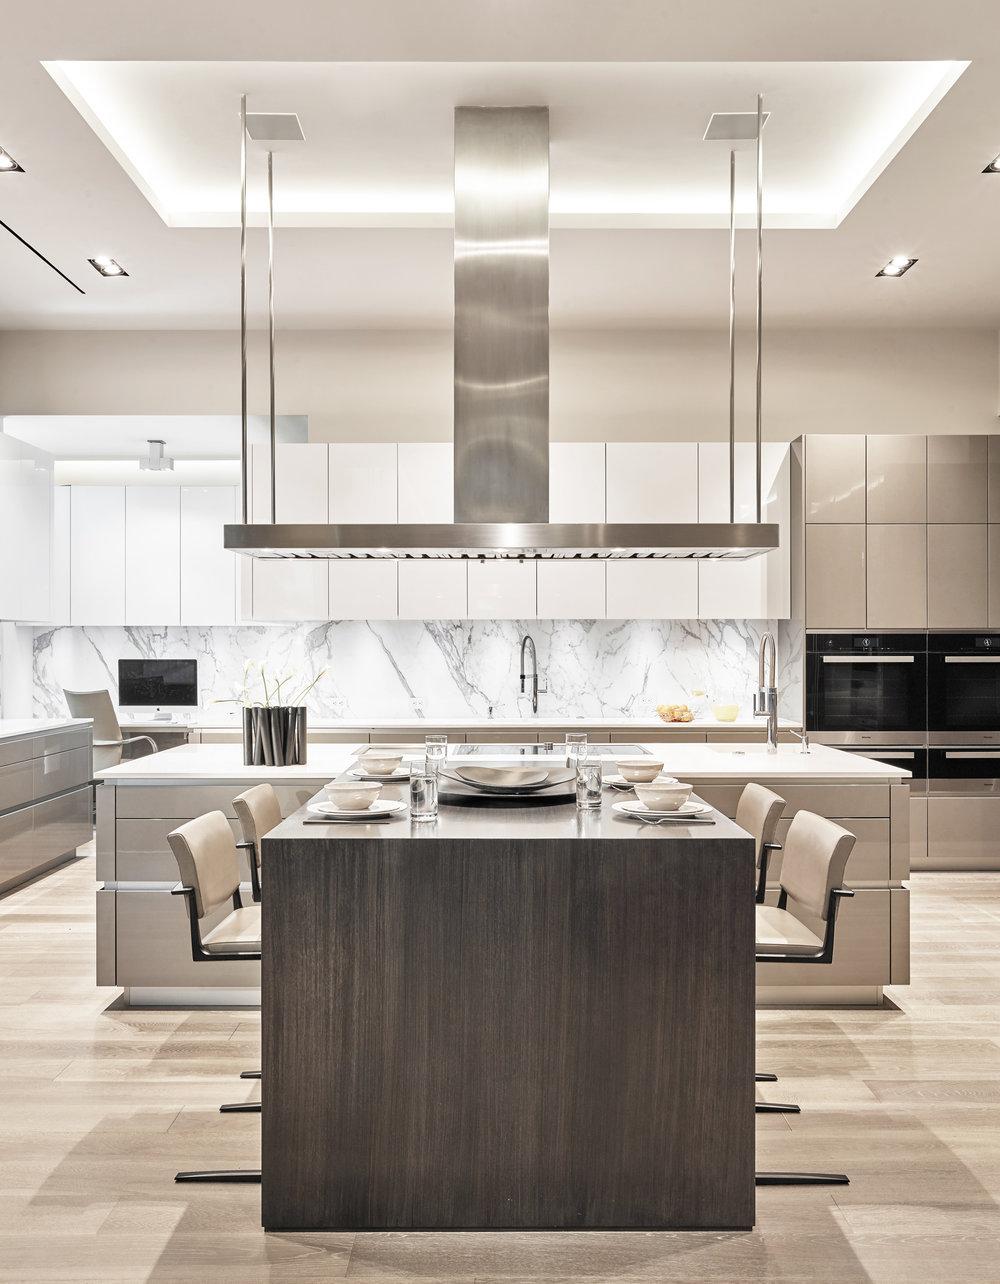 DeSat_Berman_Kitchen-A-Vertical.jpg